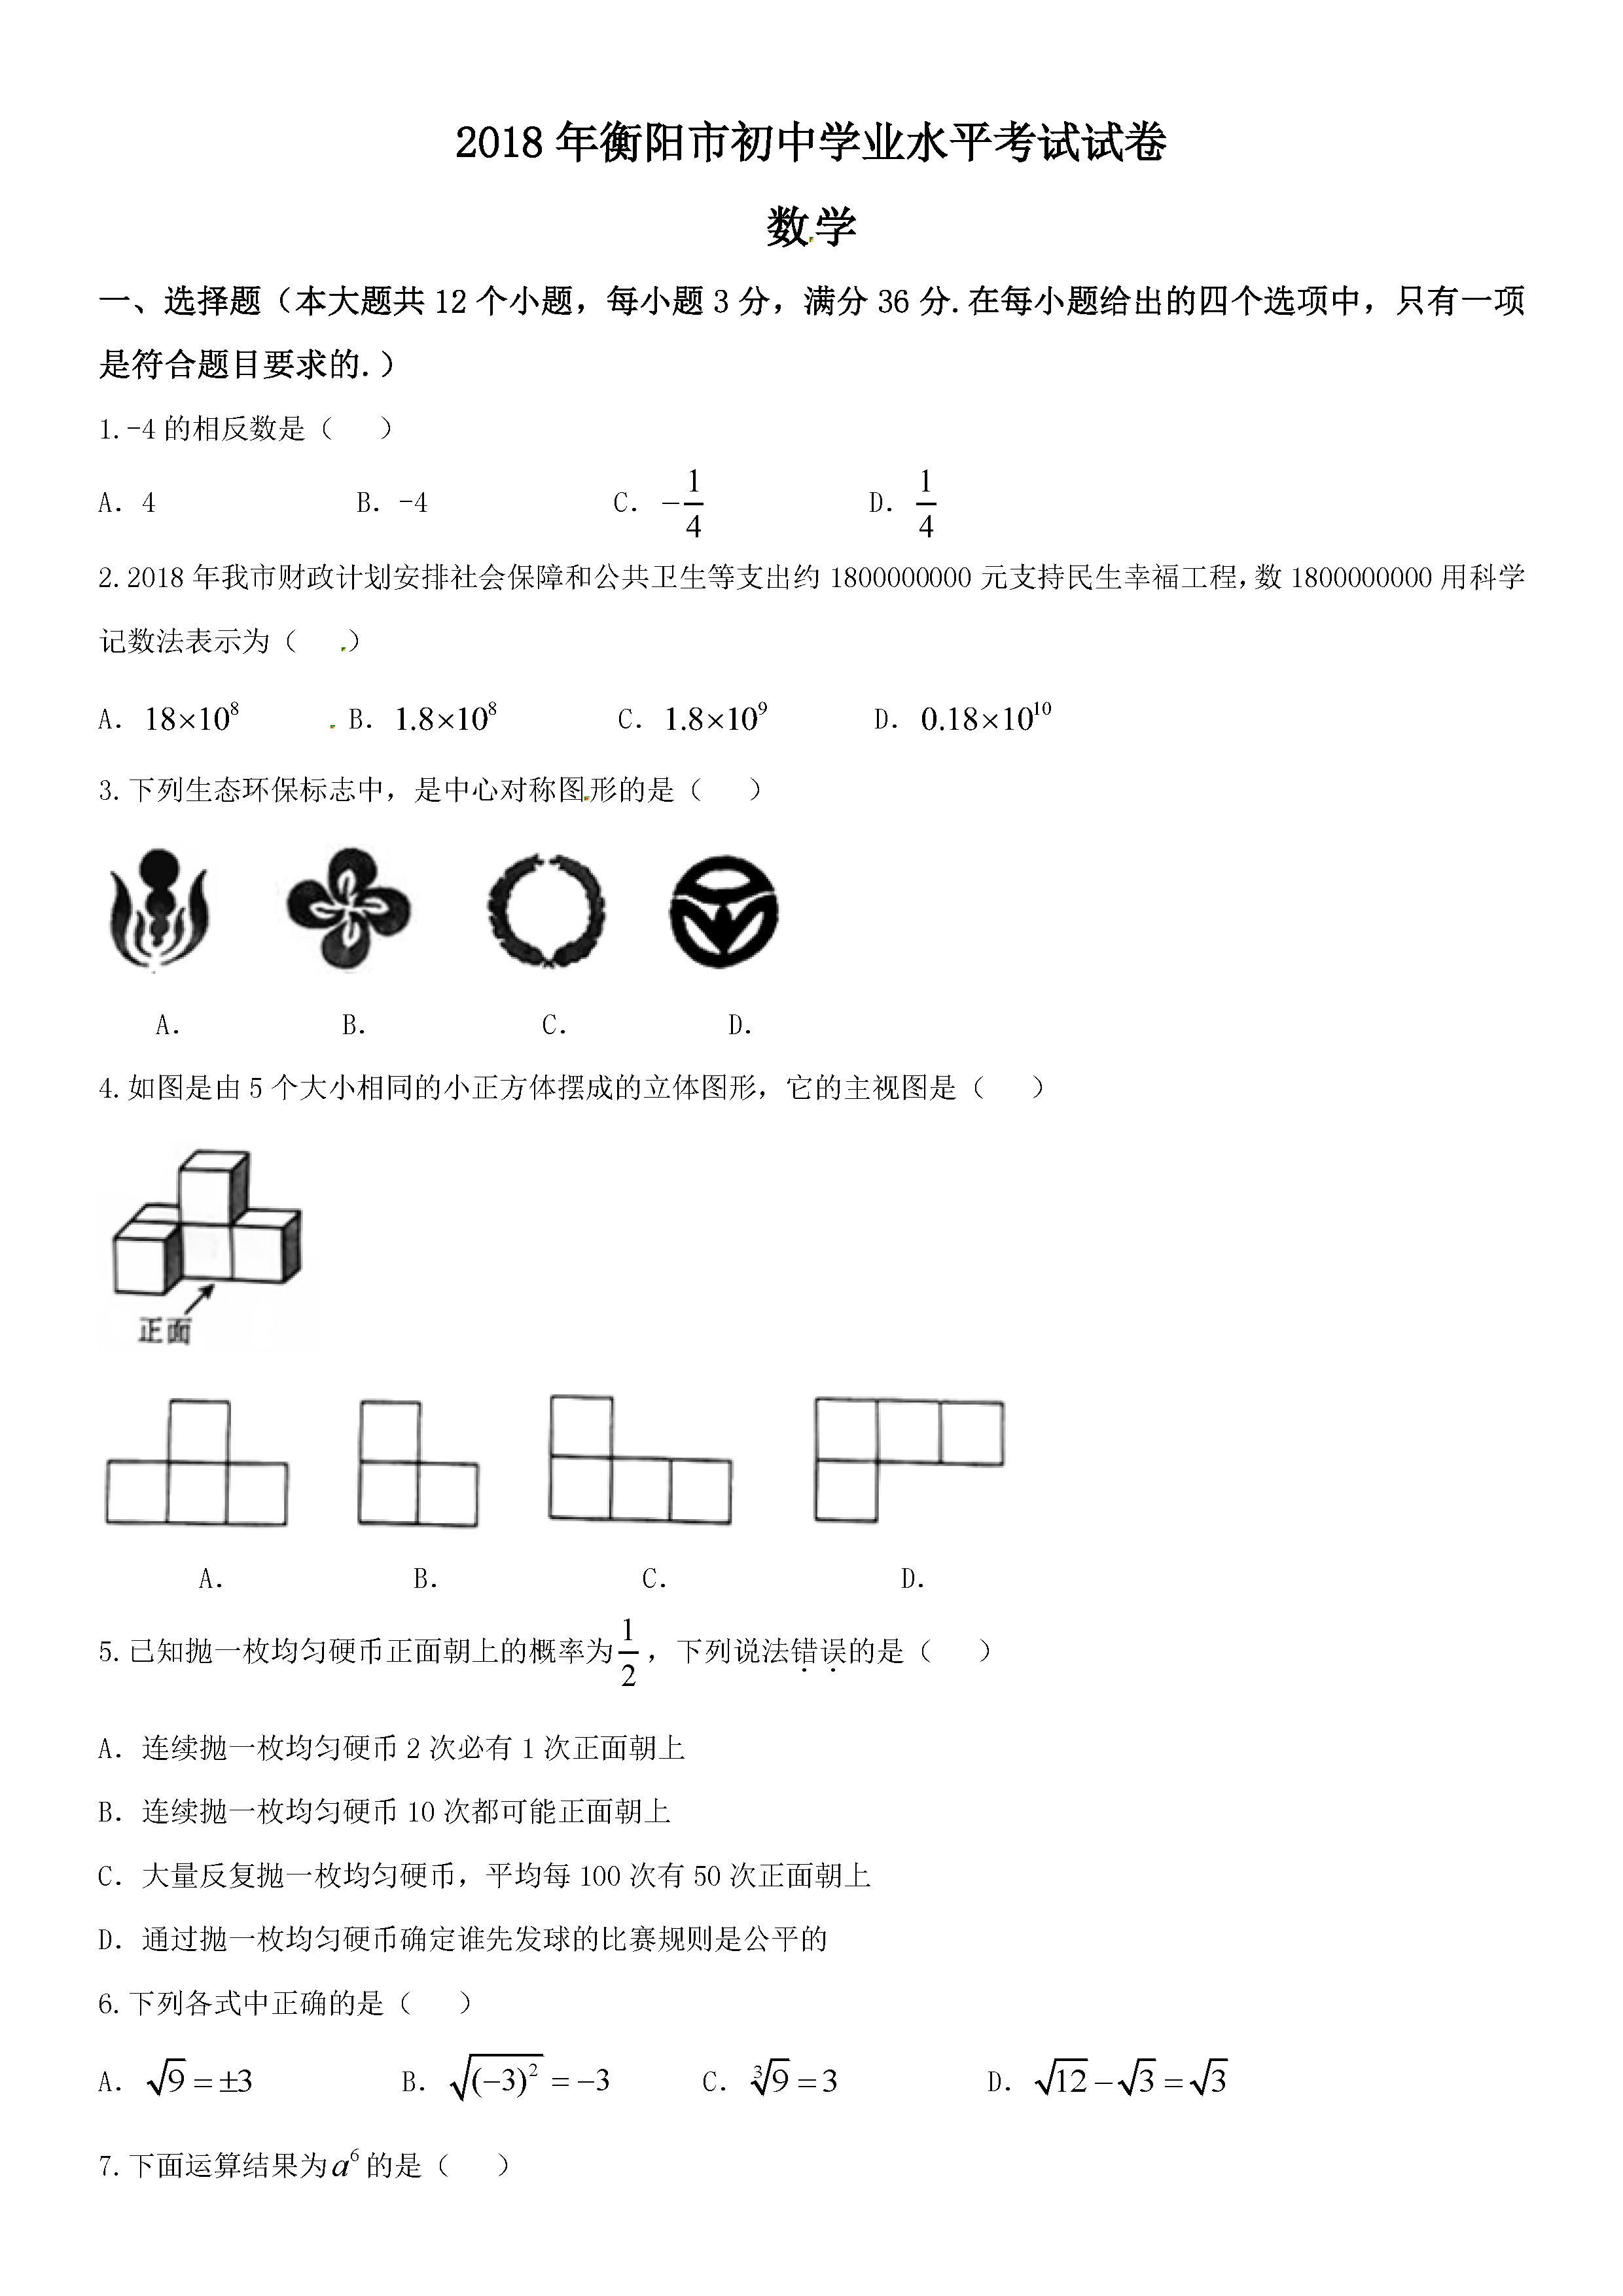 2018衡阳中考数学试题及答案解析